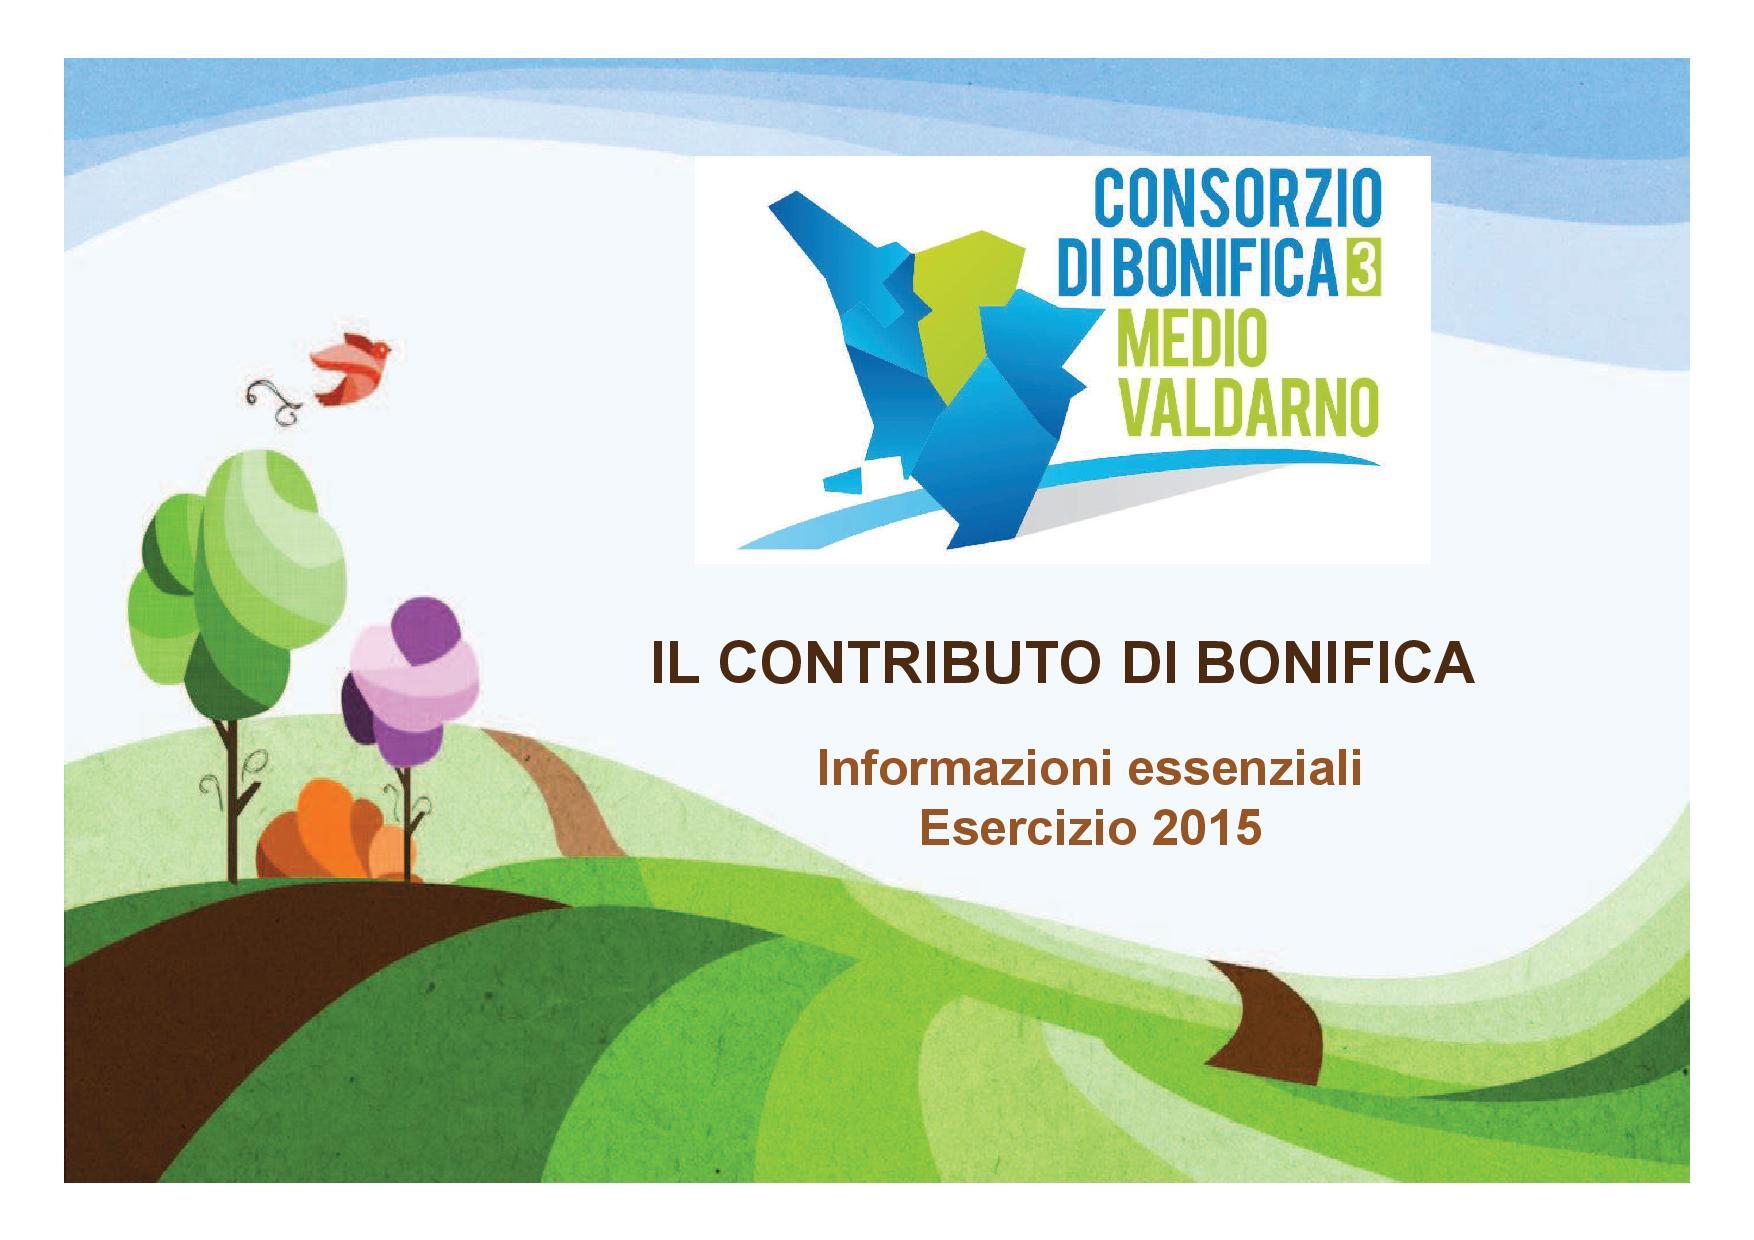 Il logo del contributo di bonifica per l'anno 2015